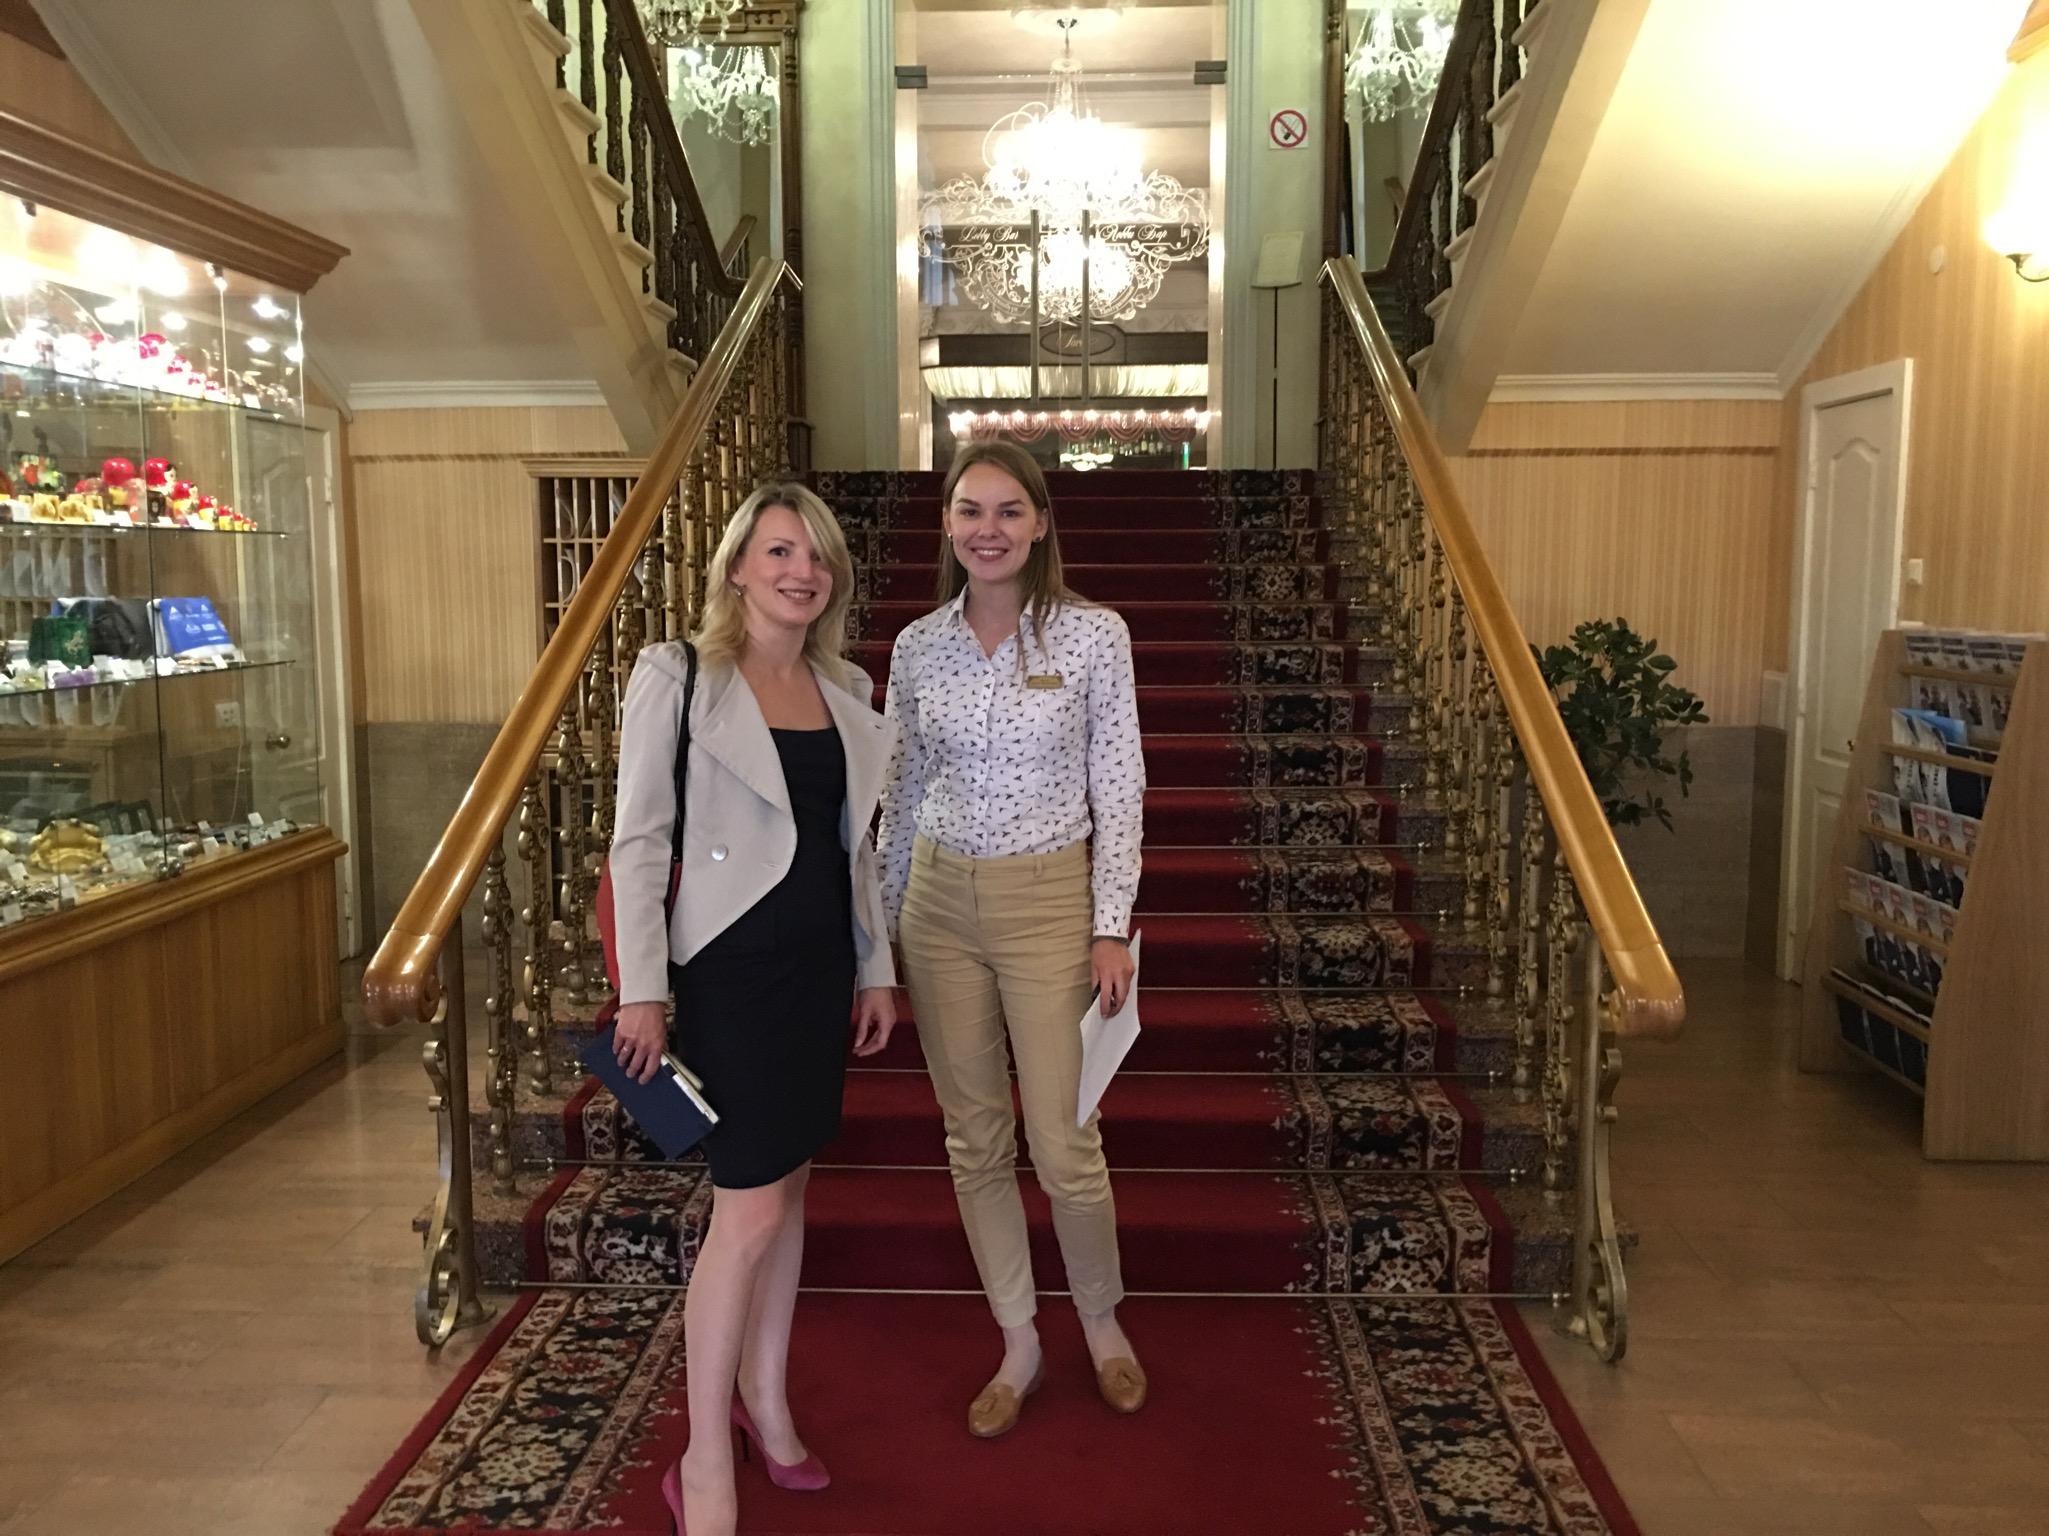 Юлия Якунина и Полина Овчинникова презентуют новый экскурсионный продукт